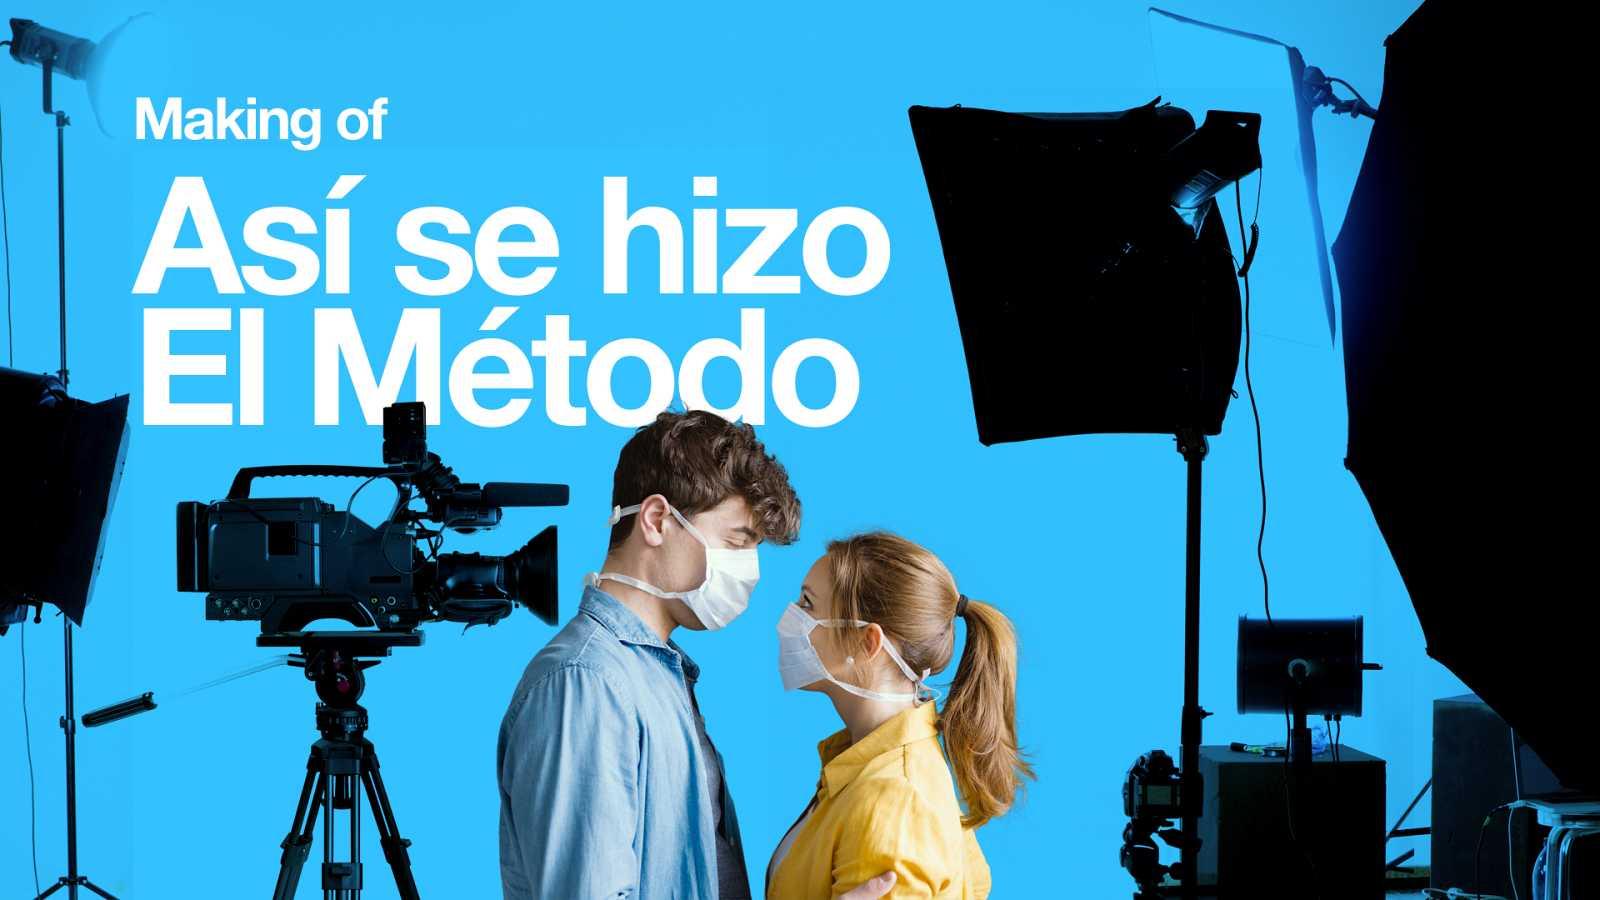 Making of: El método de El Método